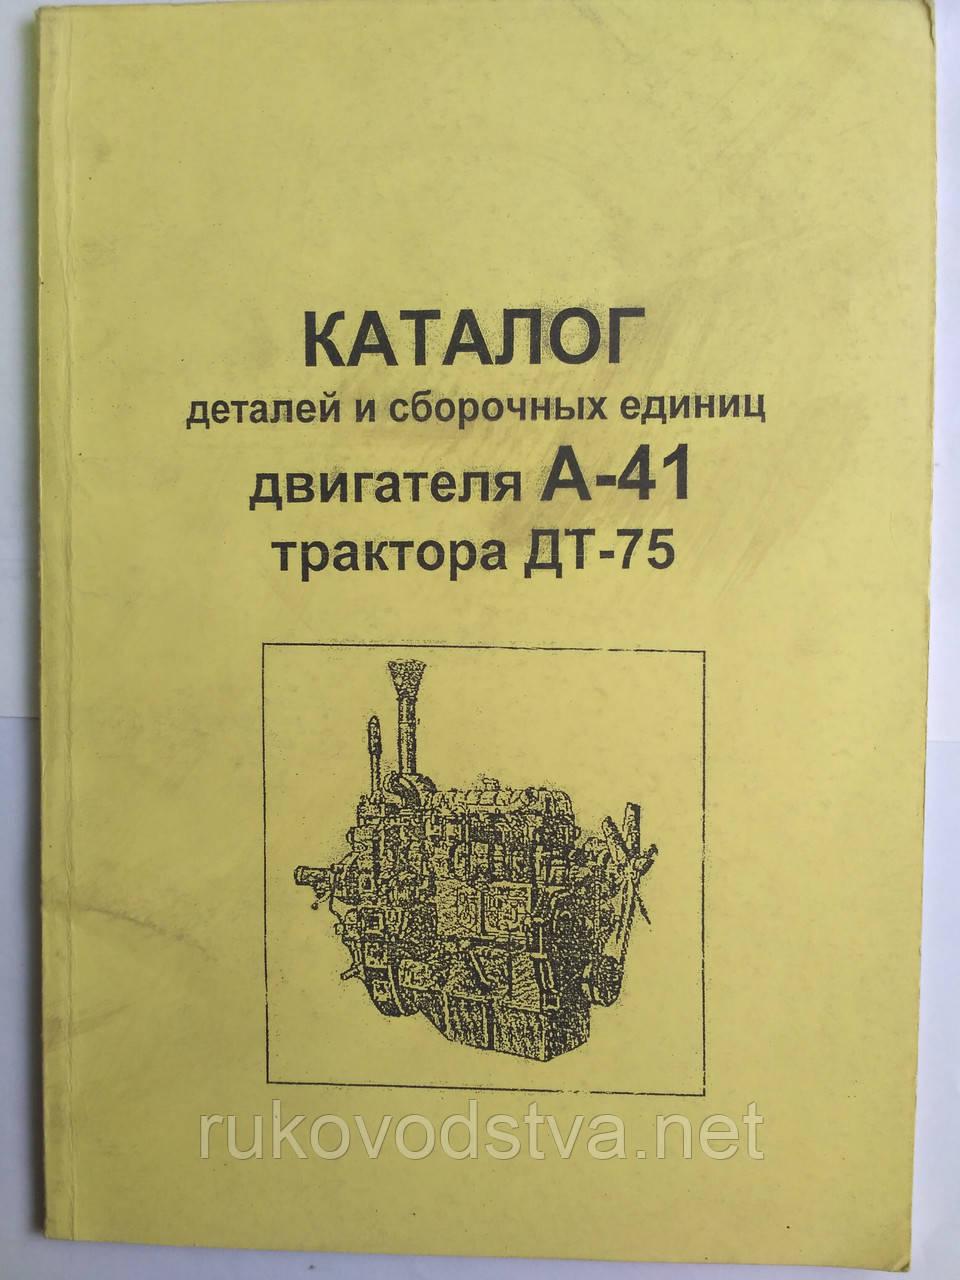 Книга Двигатель А-41 Каталог деталей и сборочных единиц